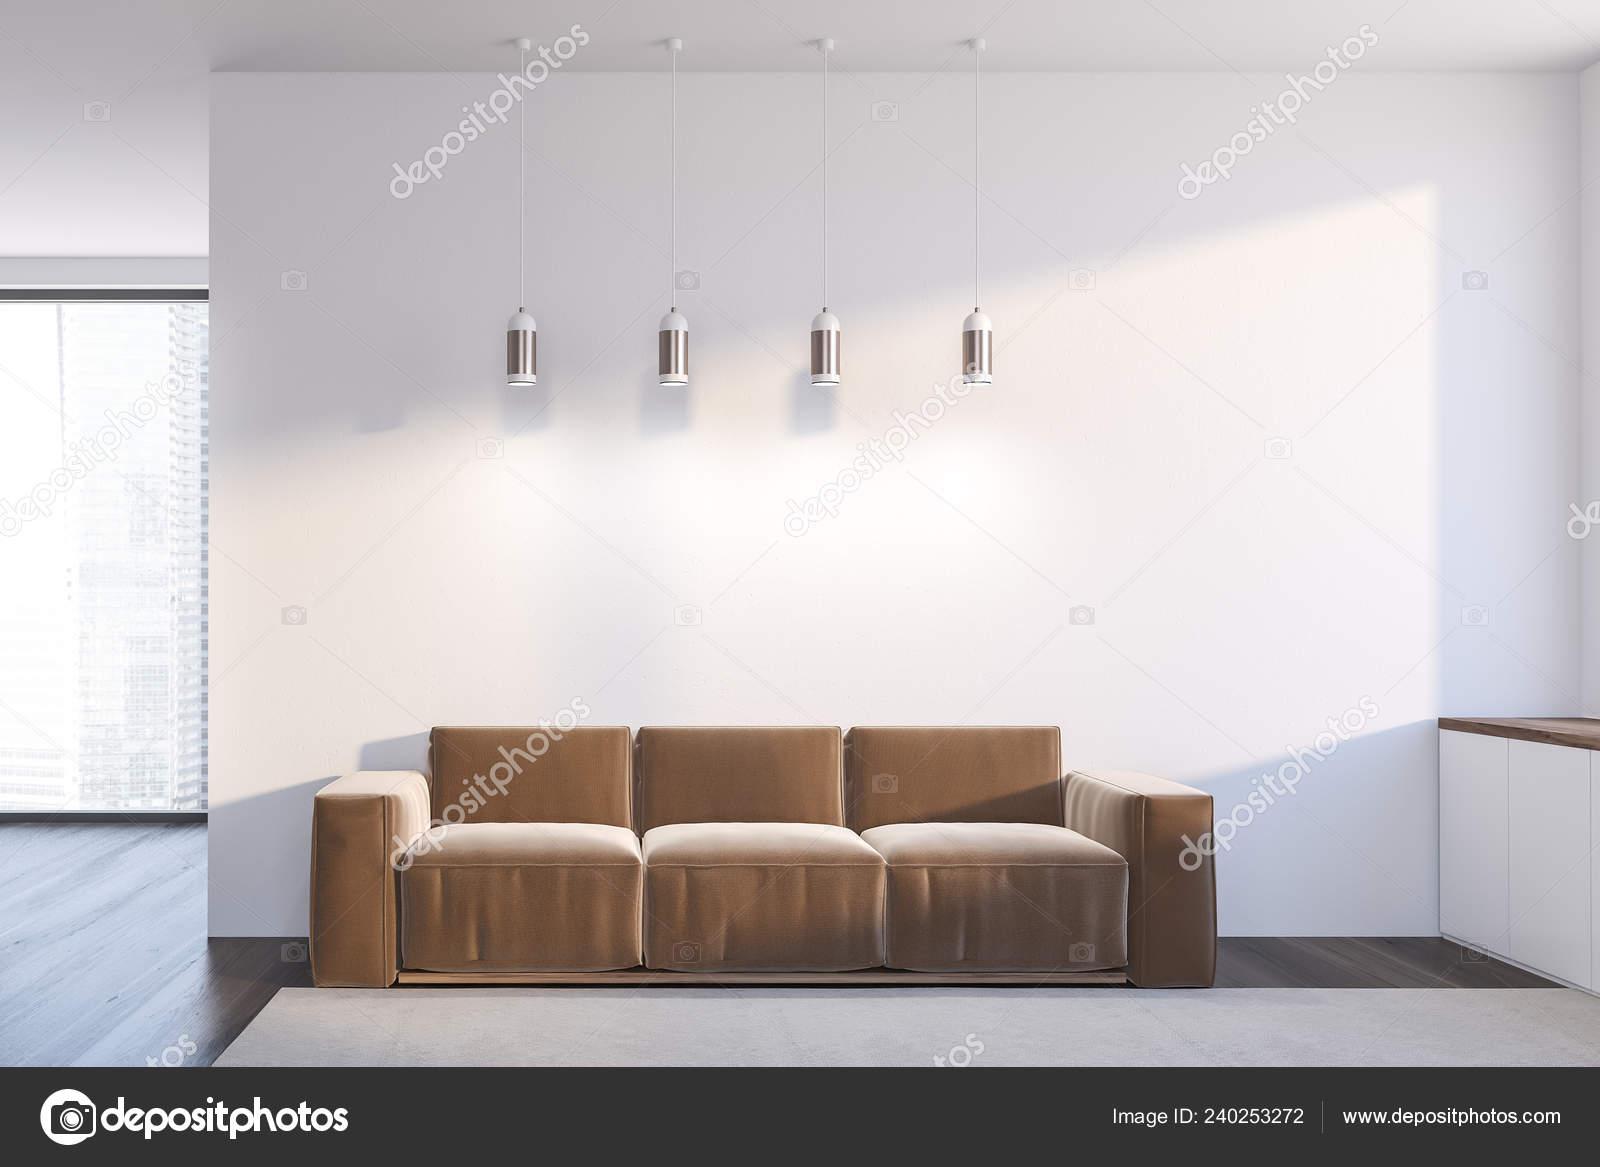 Interior Minimalistic Living Room White Walls Dark Wooden Floor Carpet Stock Photo C Denisismagilov 240253272